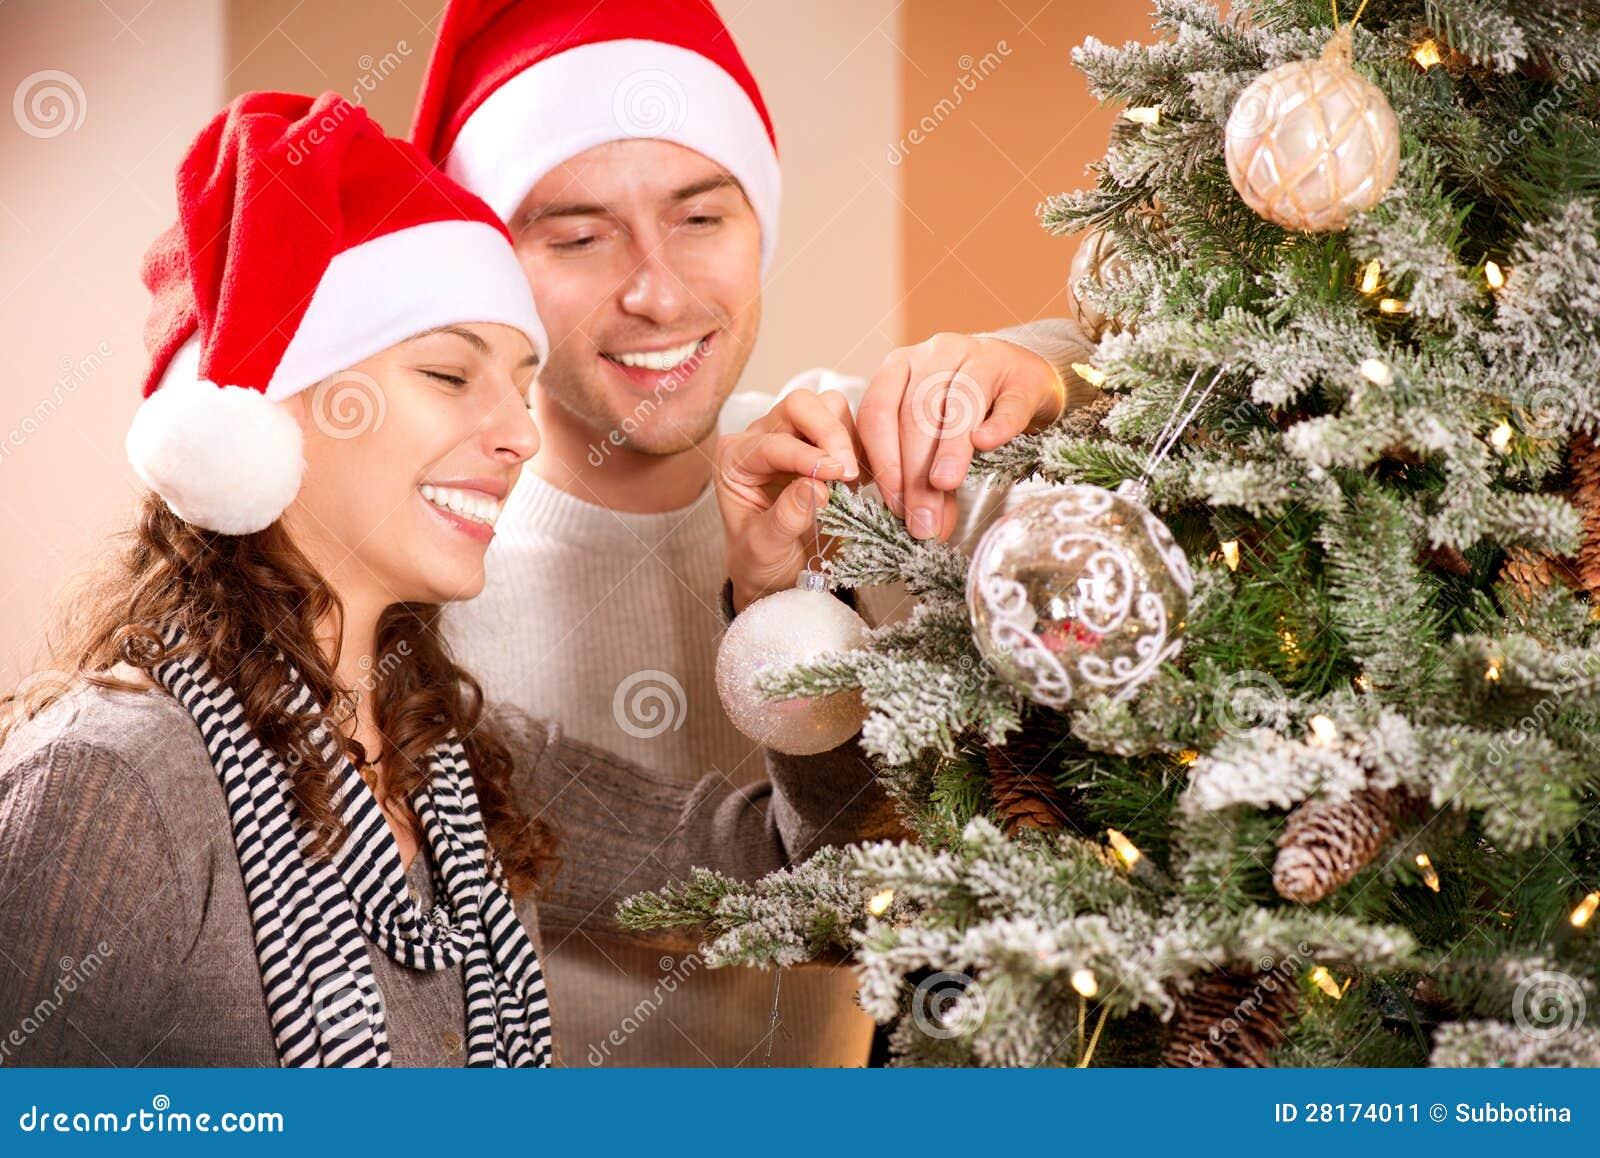 Decorate Christmas Tree Photos